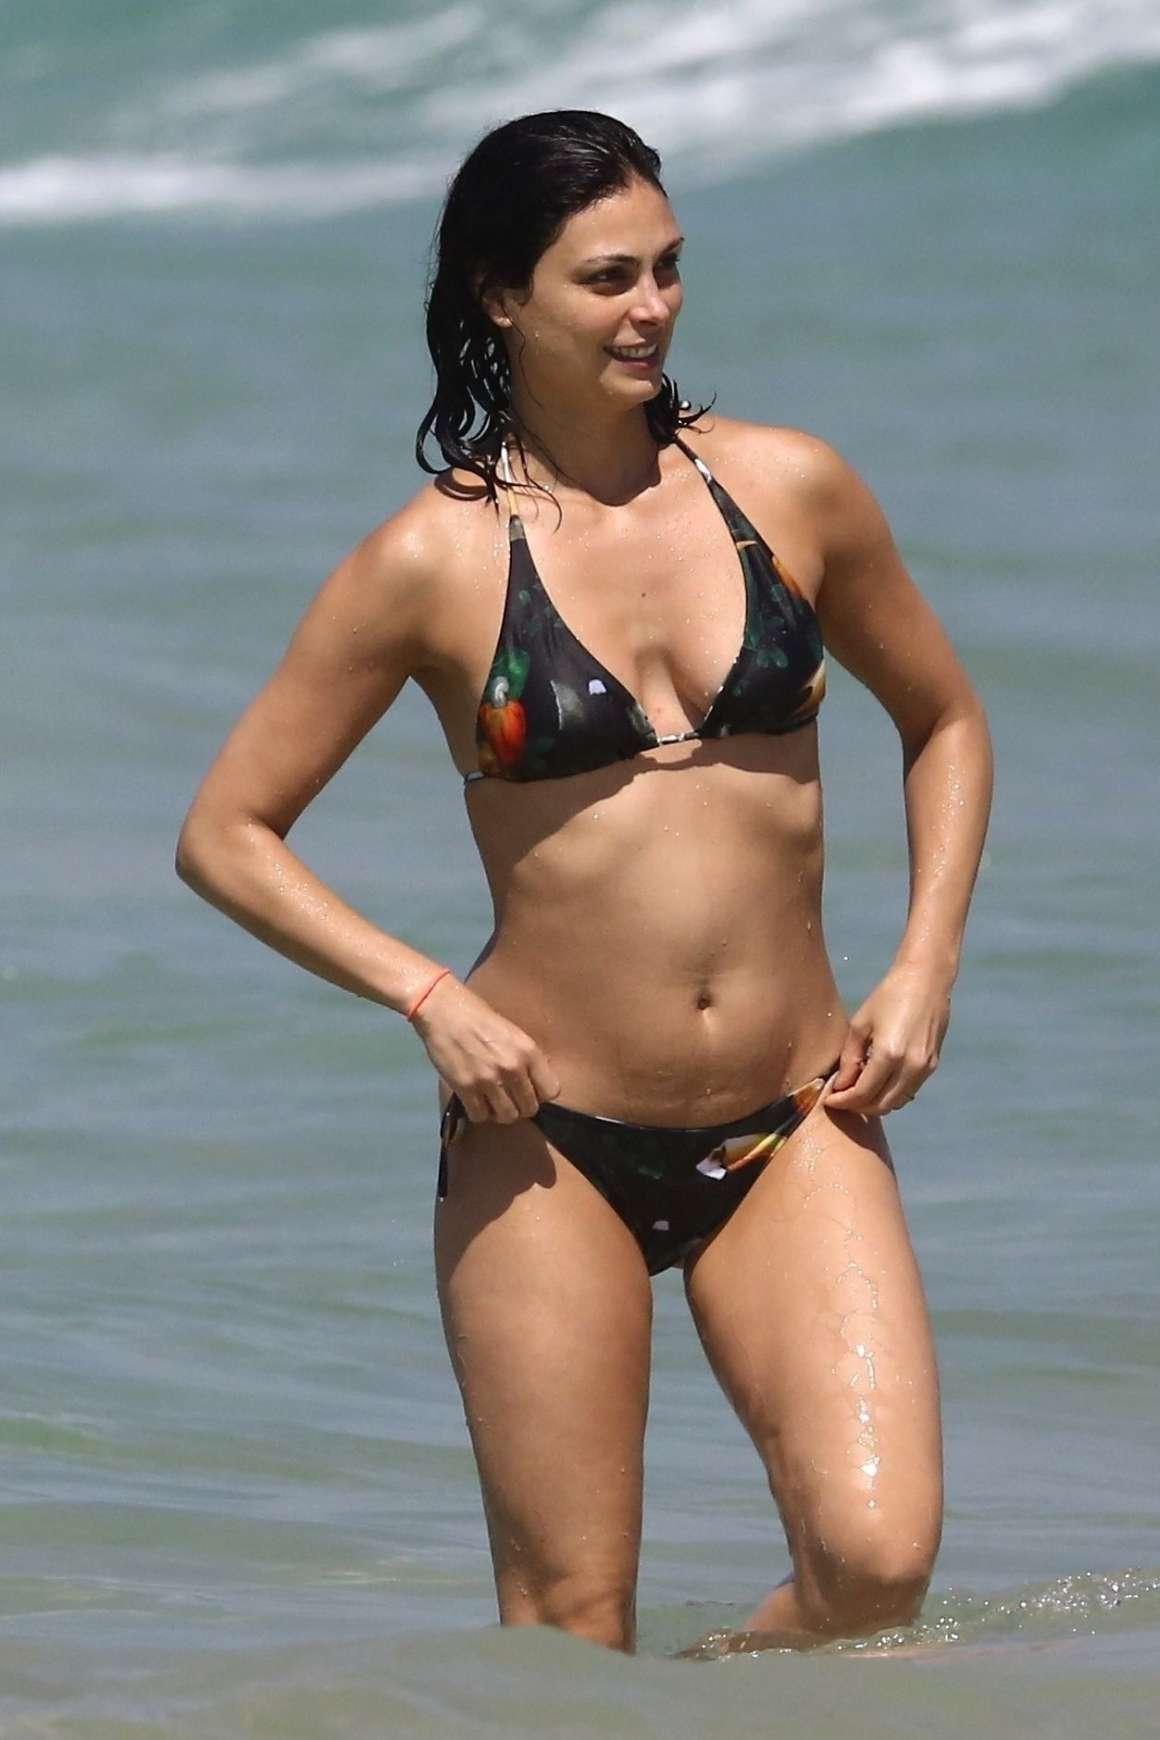 Morena Baccarin 2019 : Morena Baccarin in Bikini 2019 -07